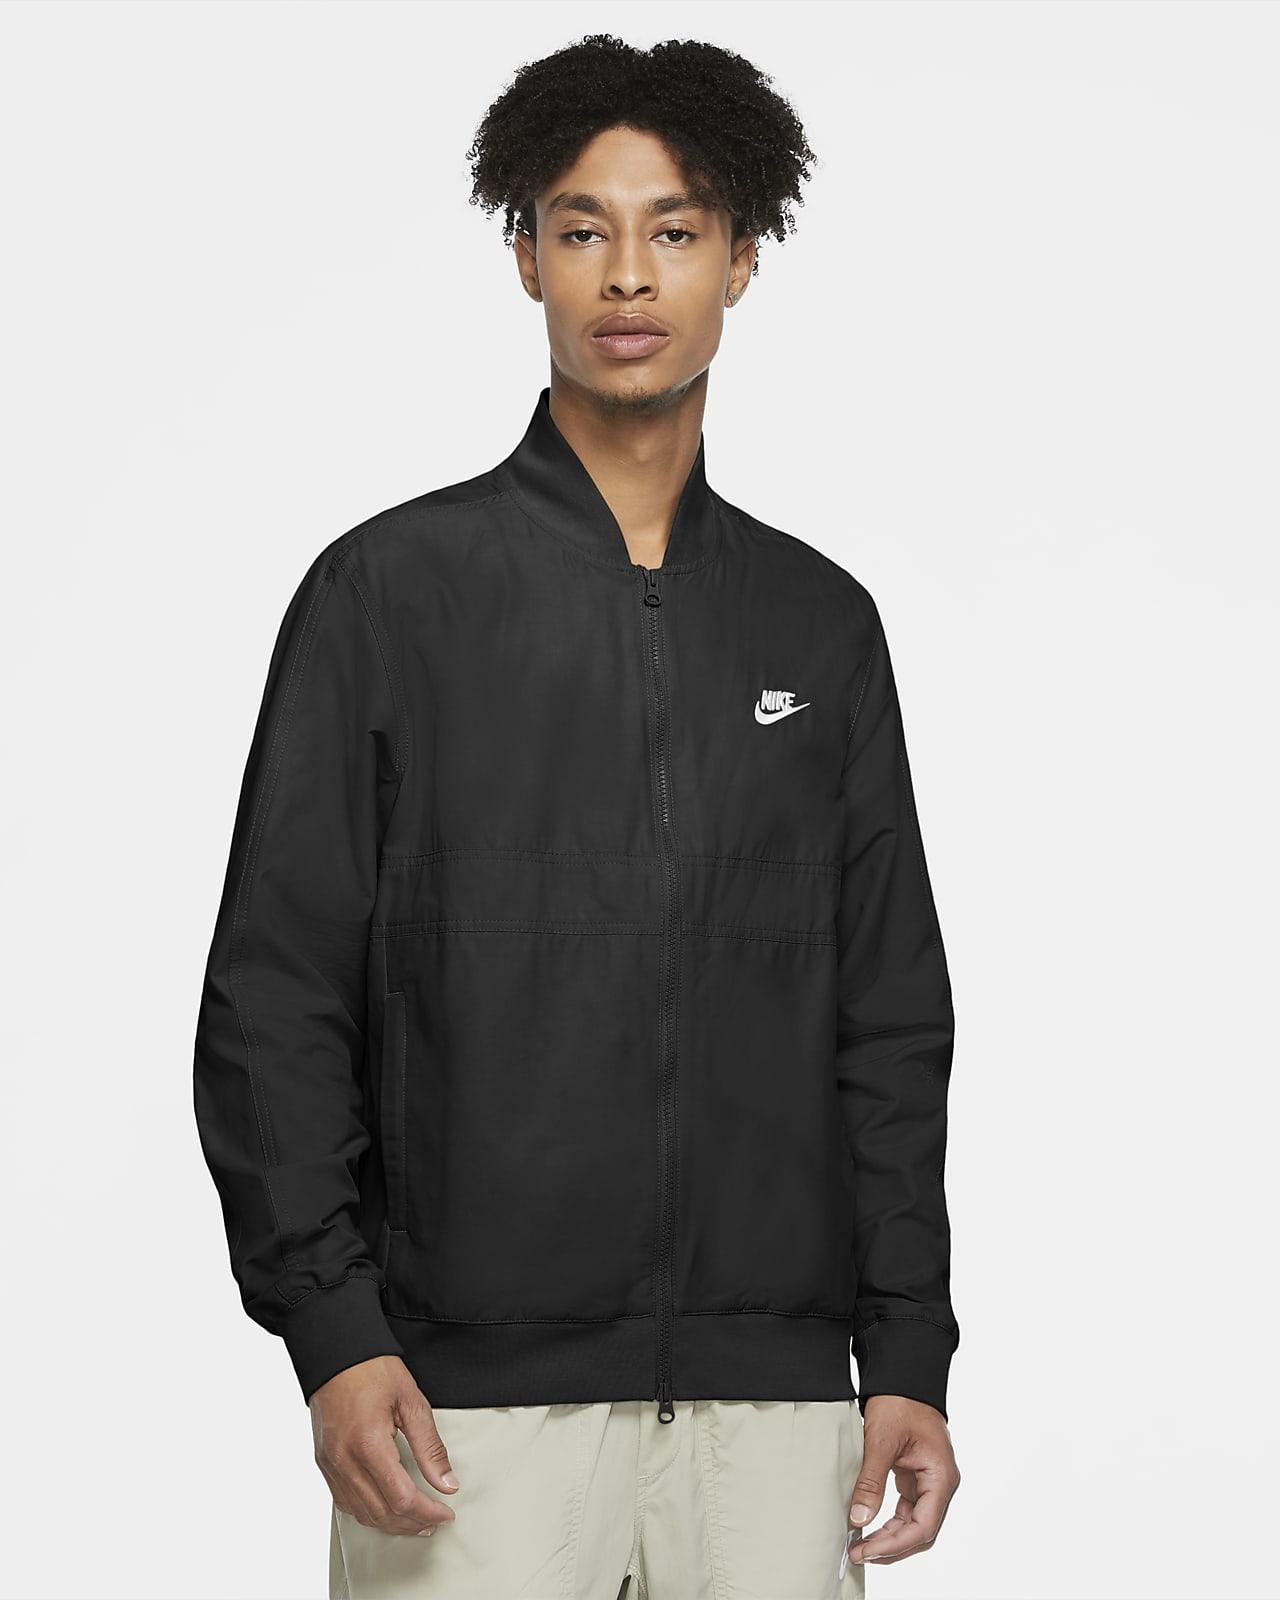 Nike Sportswear 男款梭織球員外套